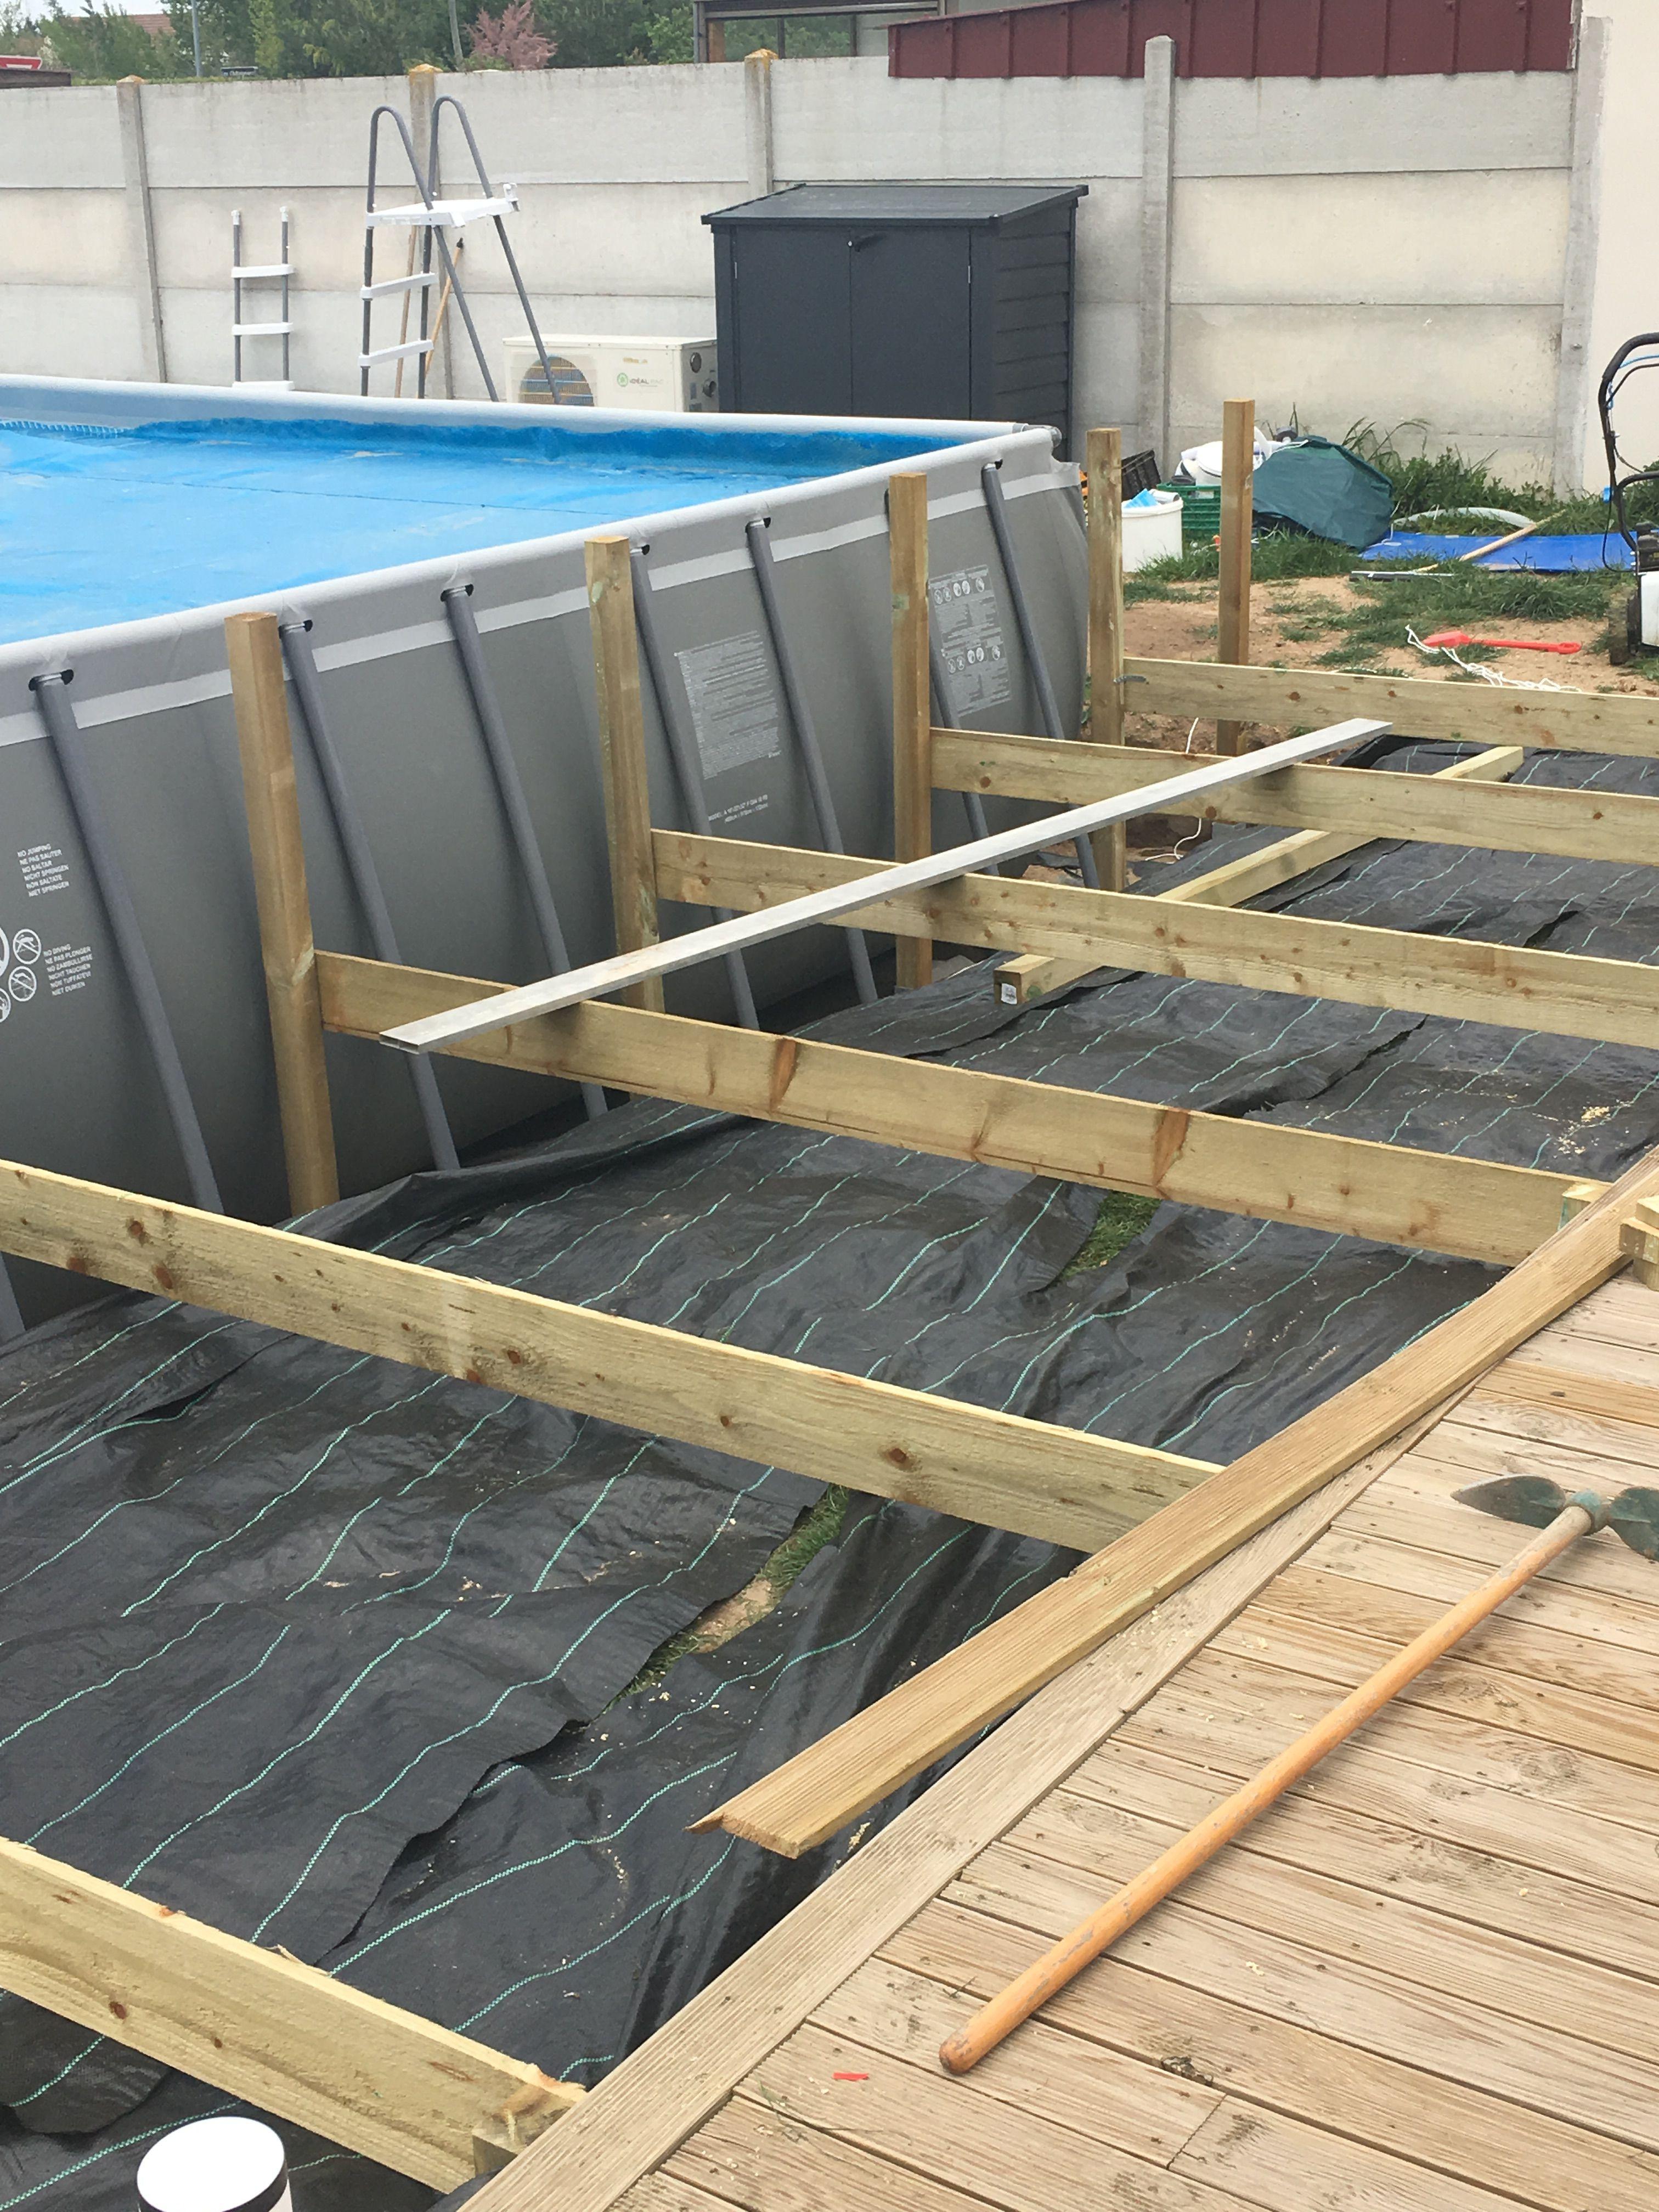 Piscine Tubulaire Habillage Bois Épinglé par olivier sur rectangular pool en 2020 (avec